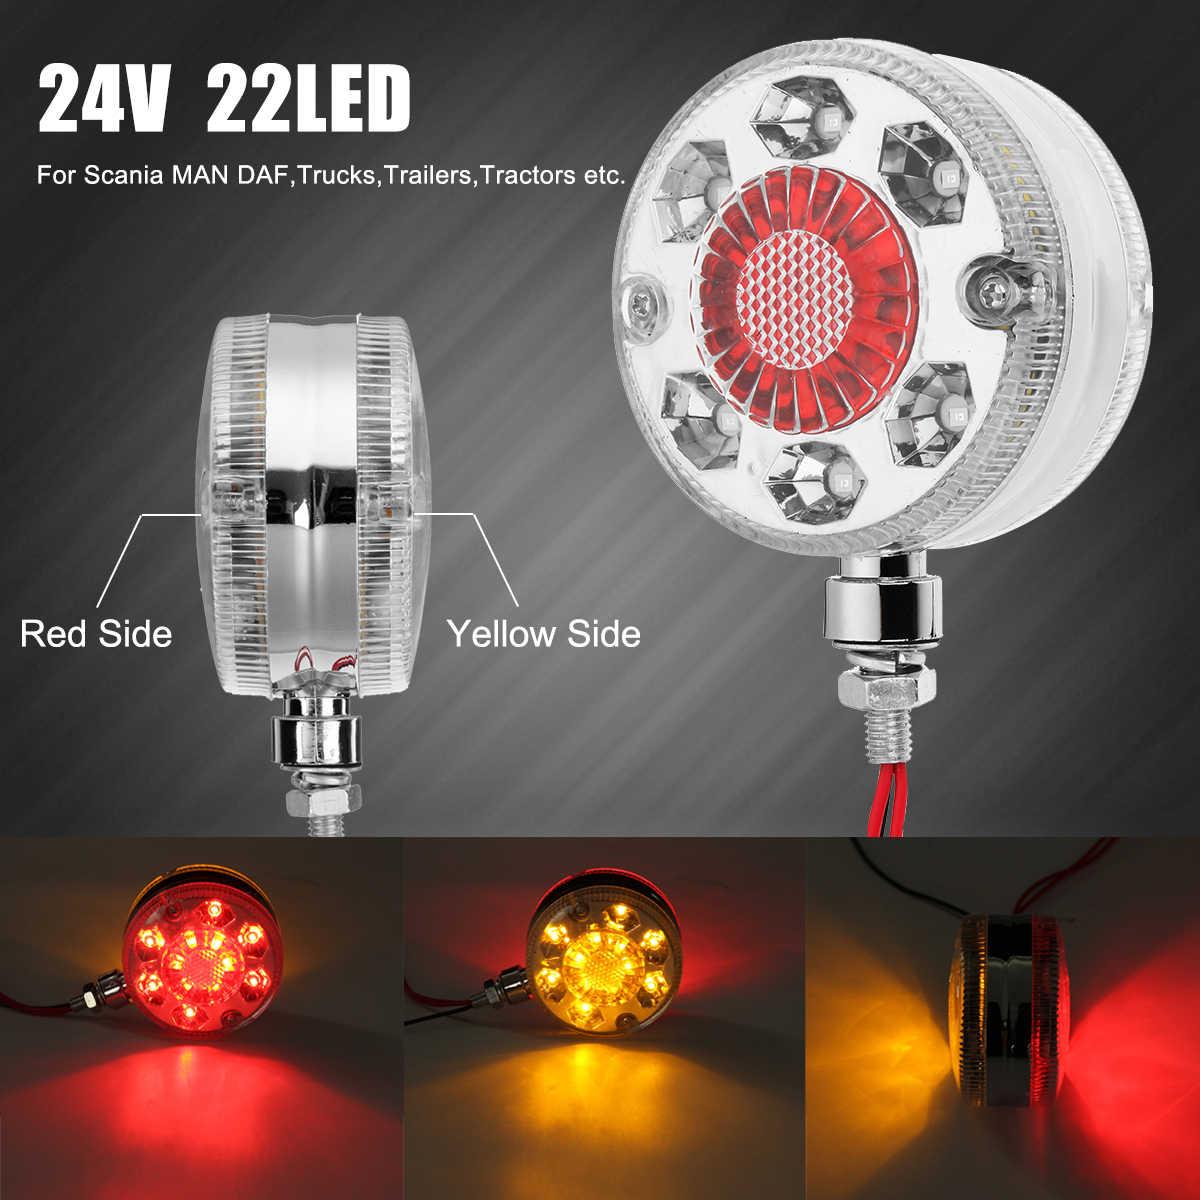 2 piezas 24 V rojo blanco doble cara LED lateral de luz de freno de señal de giro de luces traseras para camiones coches, remolques, tractores